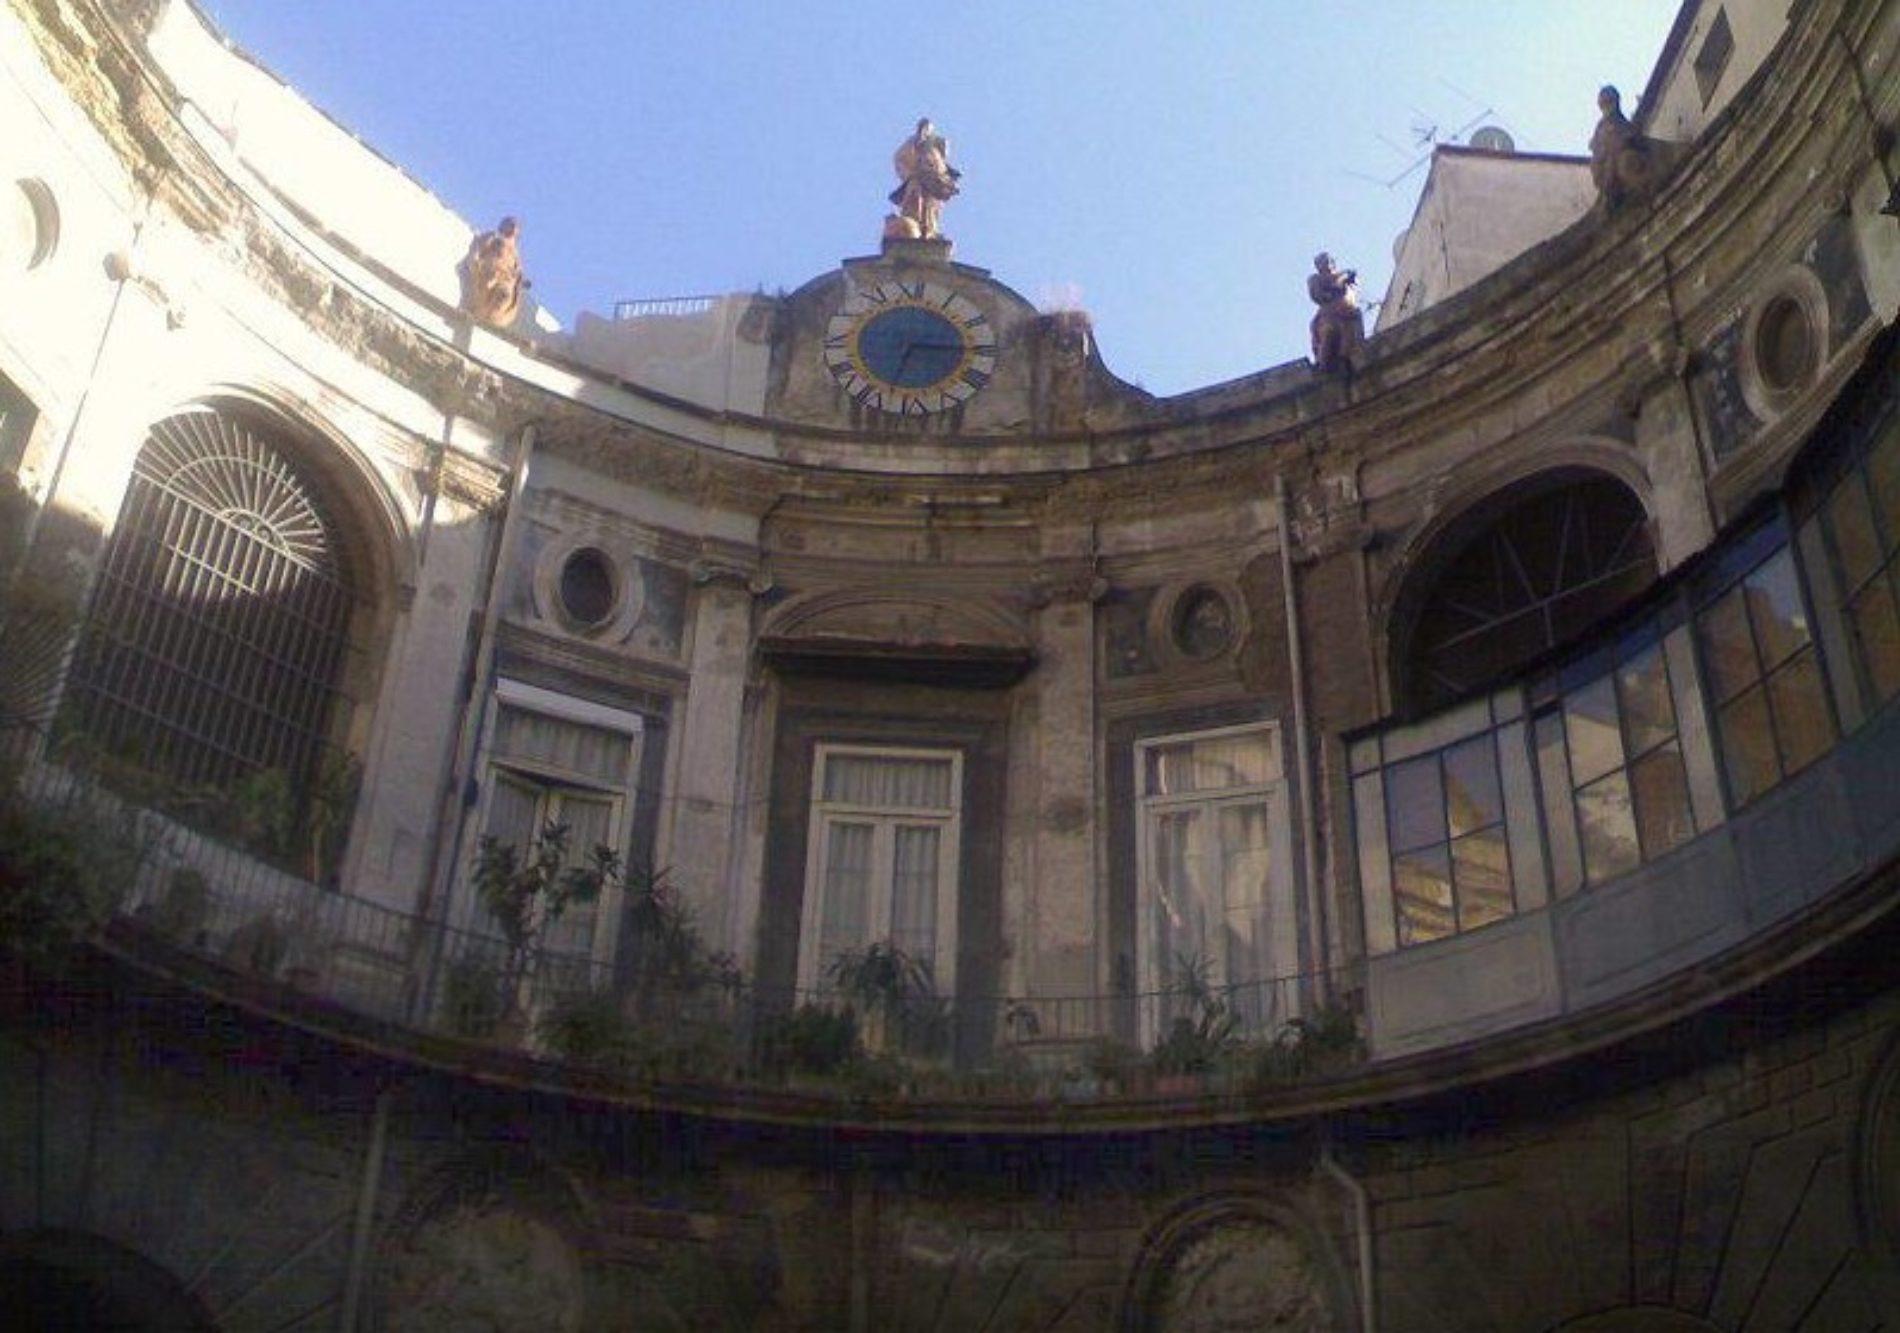 Palazzo Spinelli e la leggenda del fantasma di Bianca